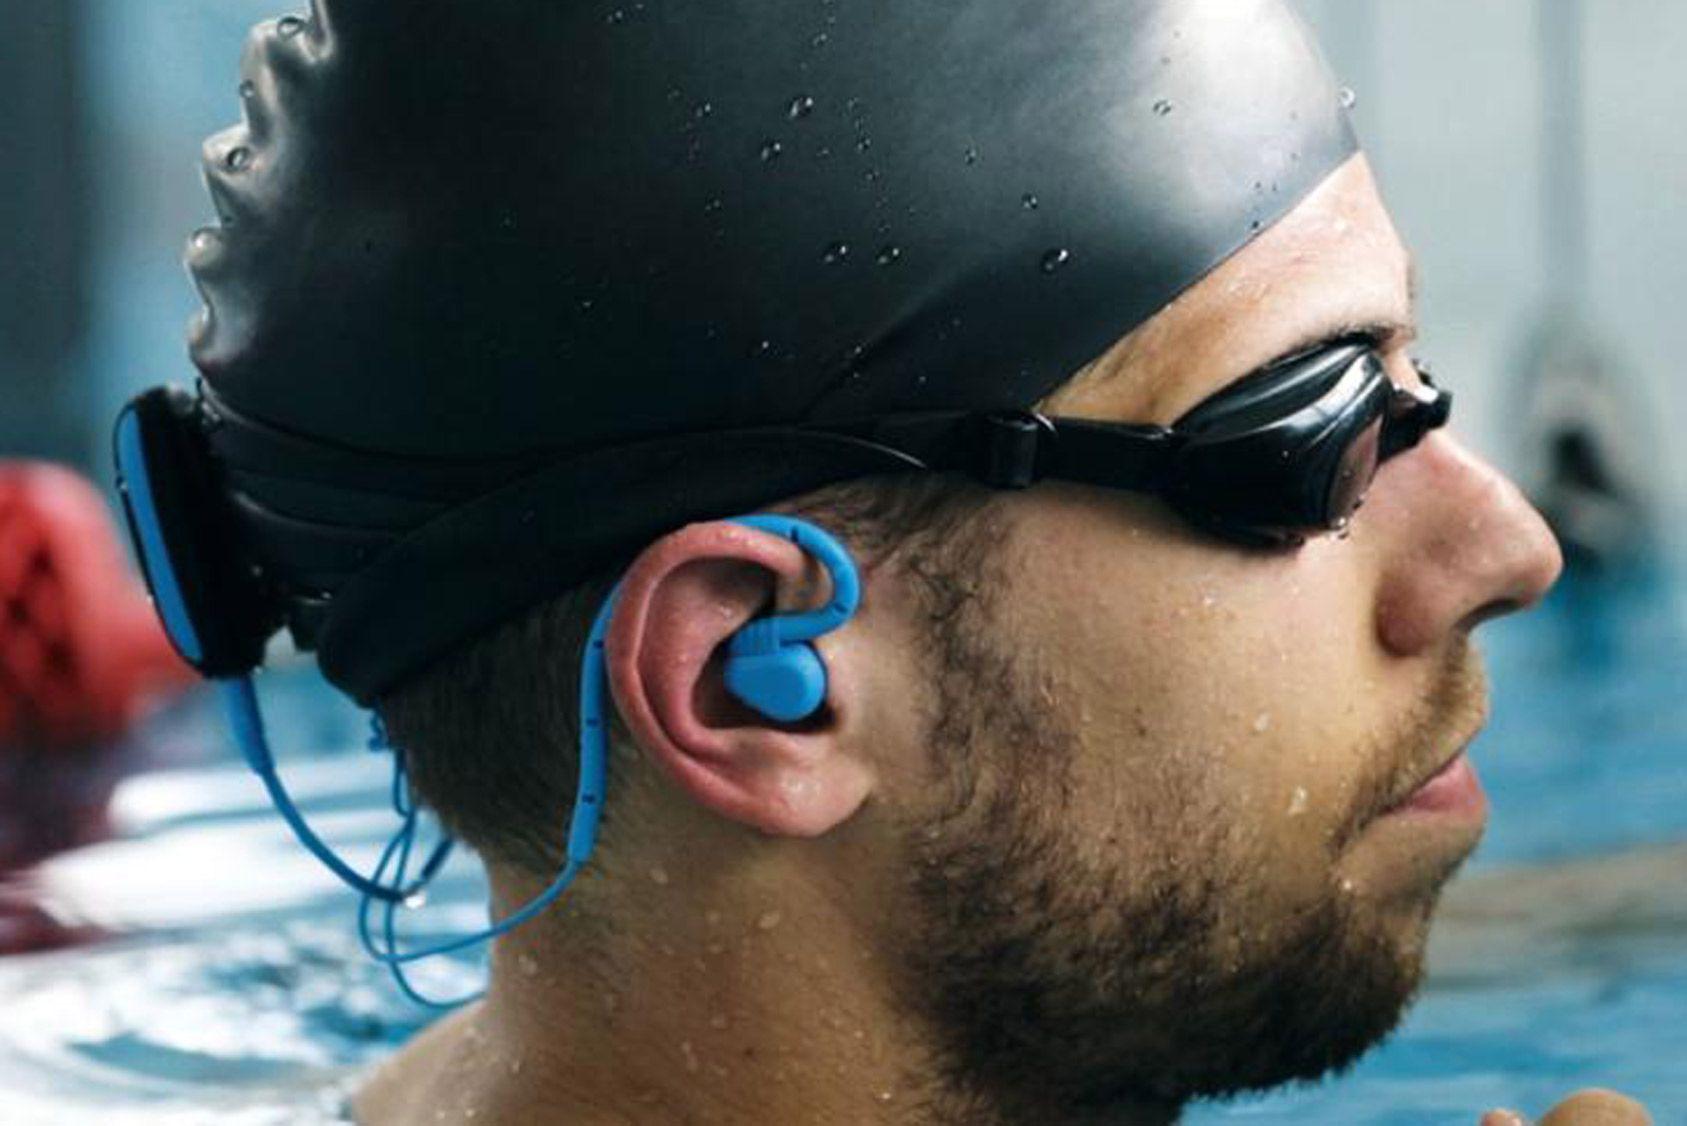 Nos essais: baladeur étanche, Essentielb - Clip'n swim, nager en musique